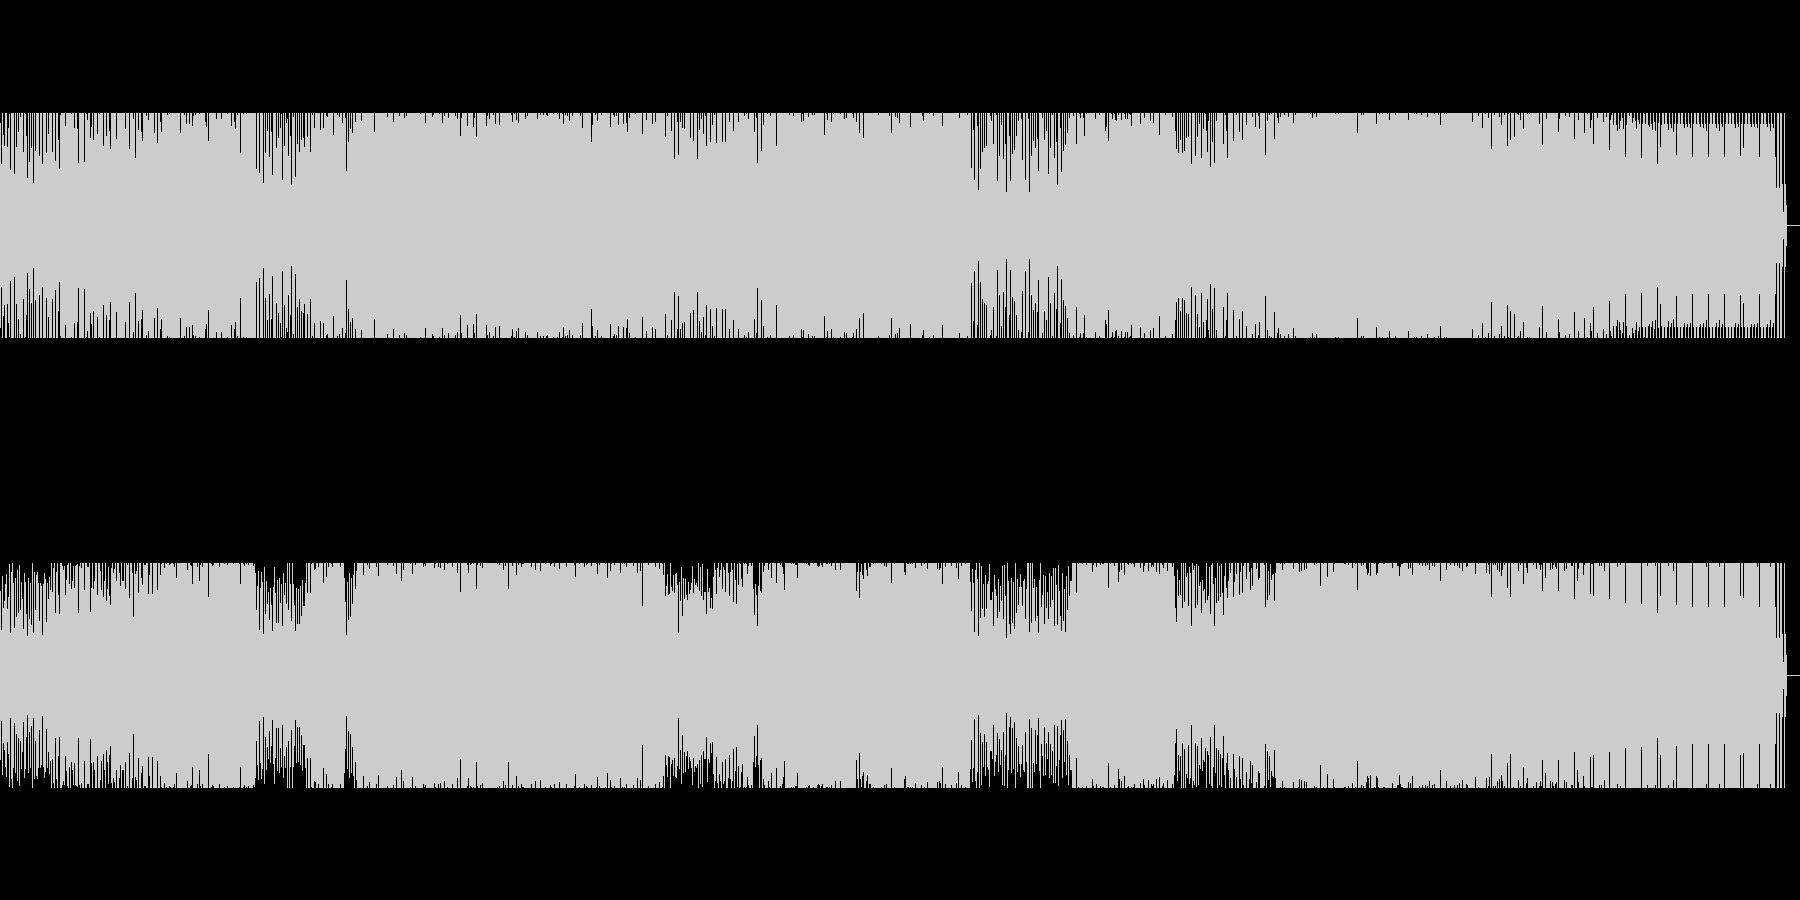 【低音強め】ダンスミュージックの未再生の波形